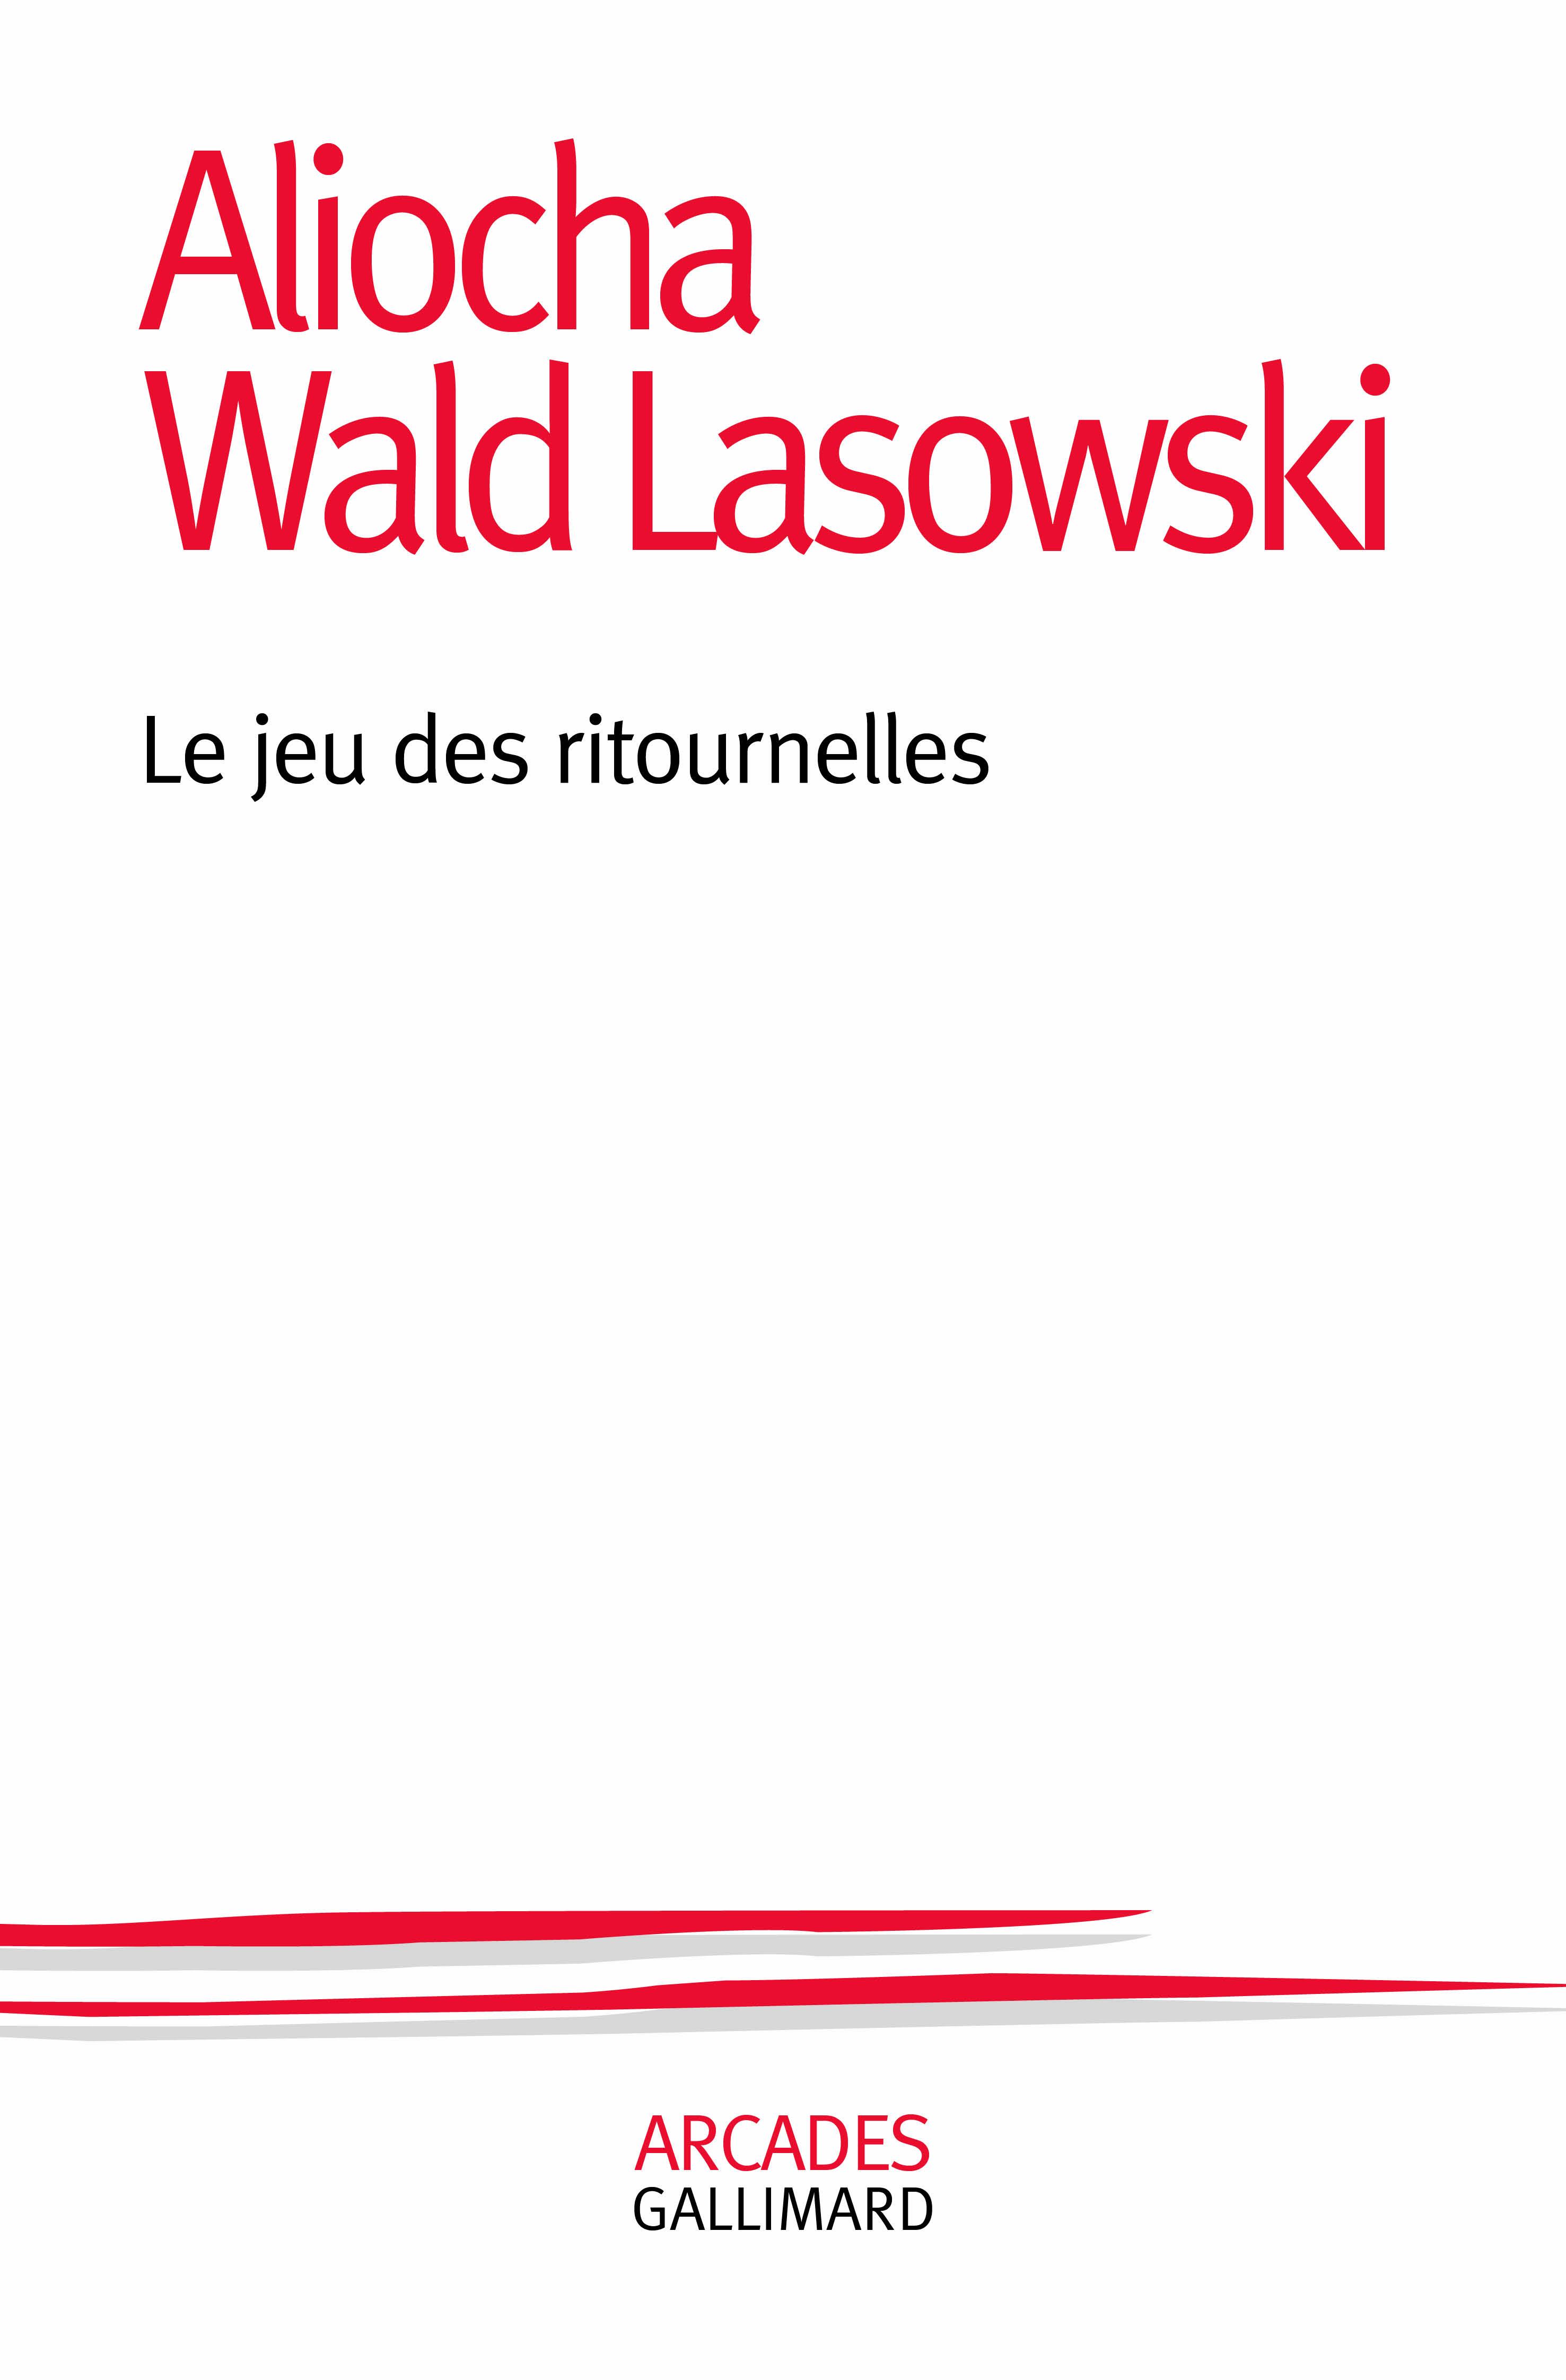 A. Wald Lasowski, Le jeu des ritournelles